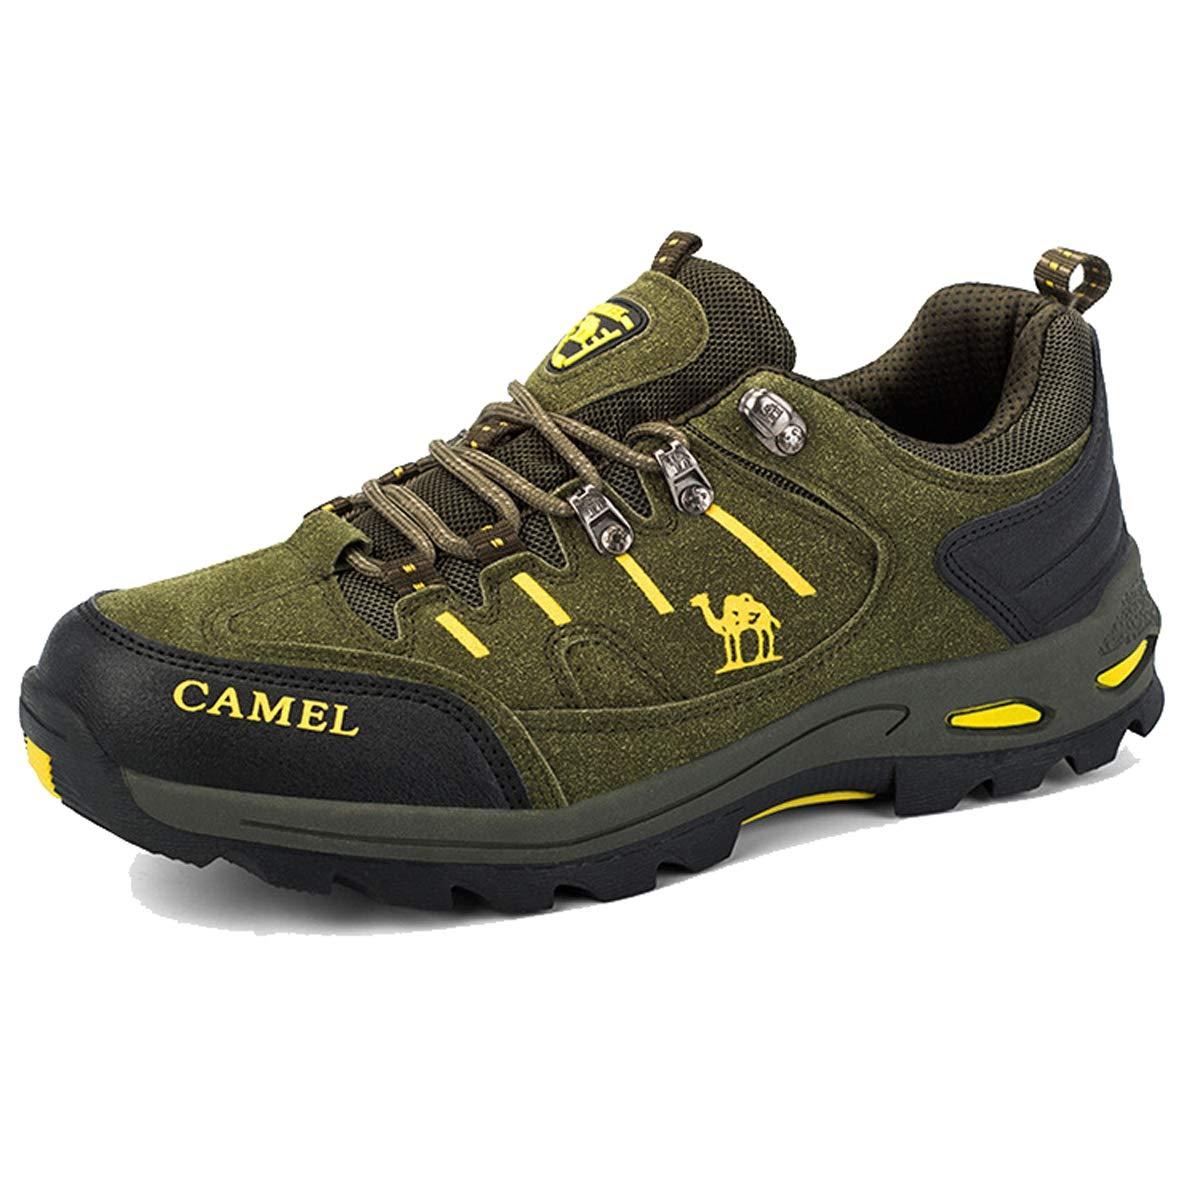 Adong Männer Bergsteigen Stiefel Turnschuhe Schuhe Jungle Trekking-Schuhe ow-Top-Schuhe für alle Saison,A,42EU